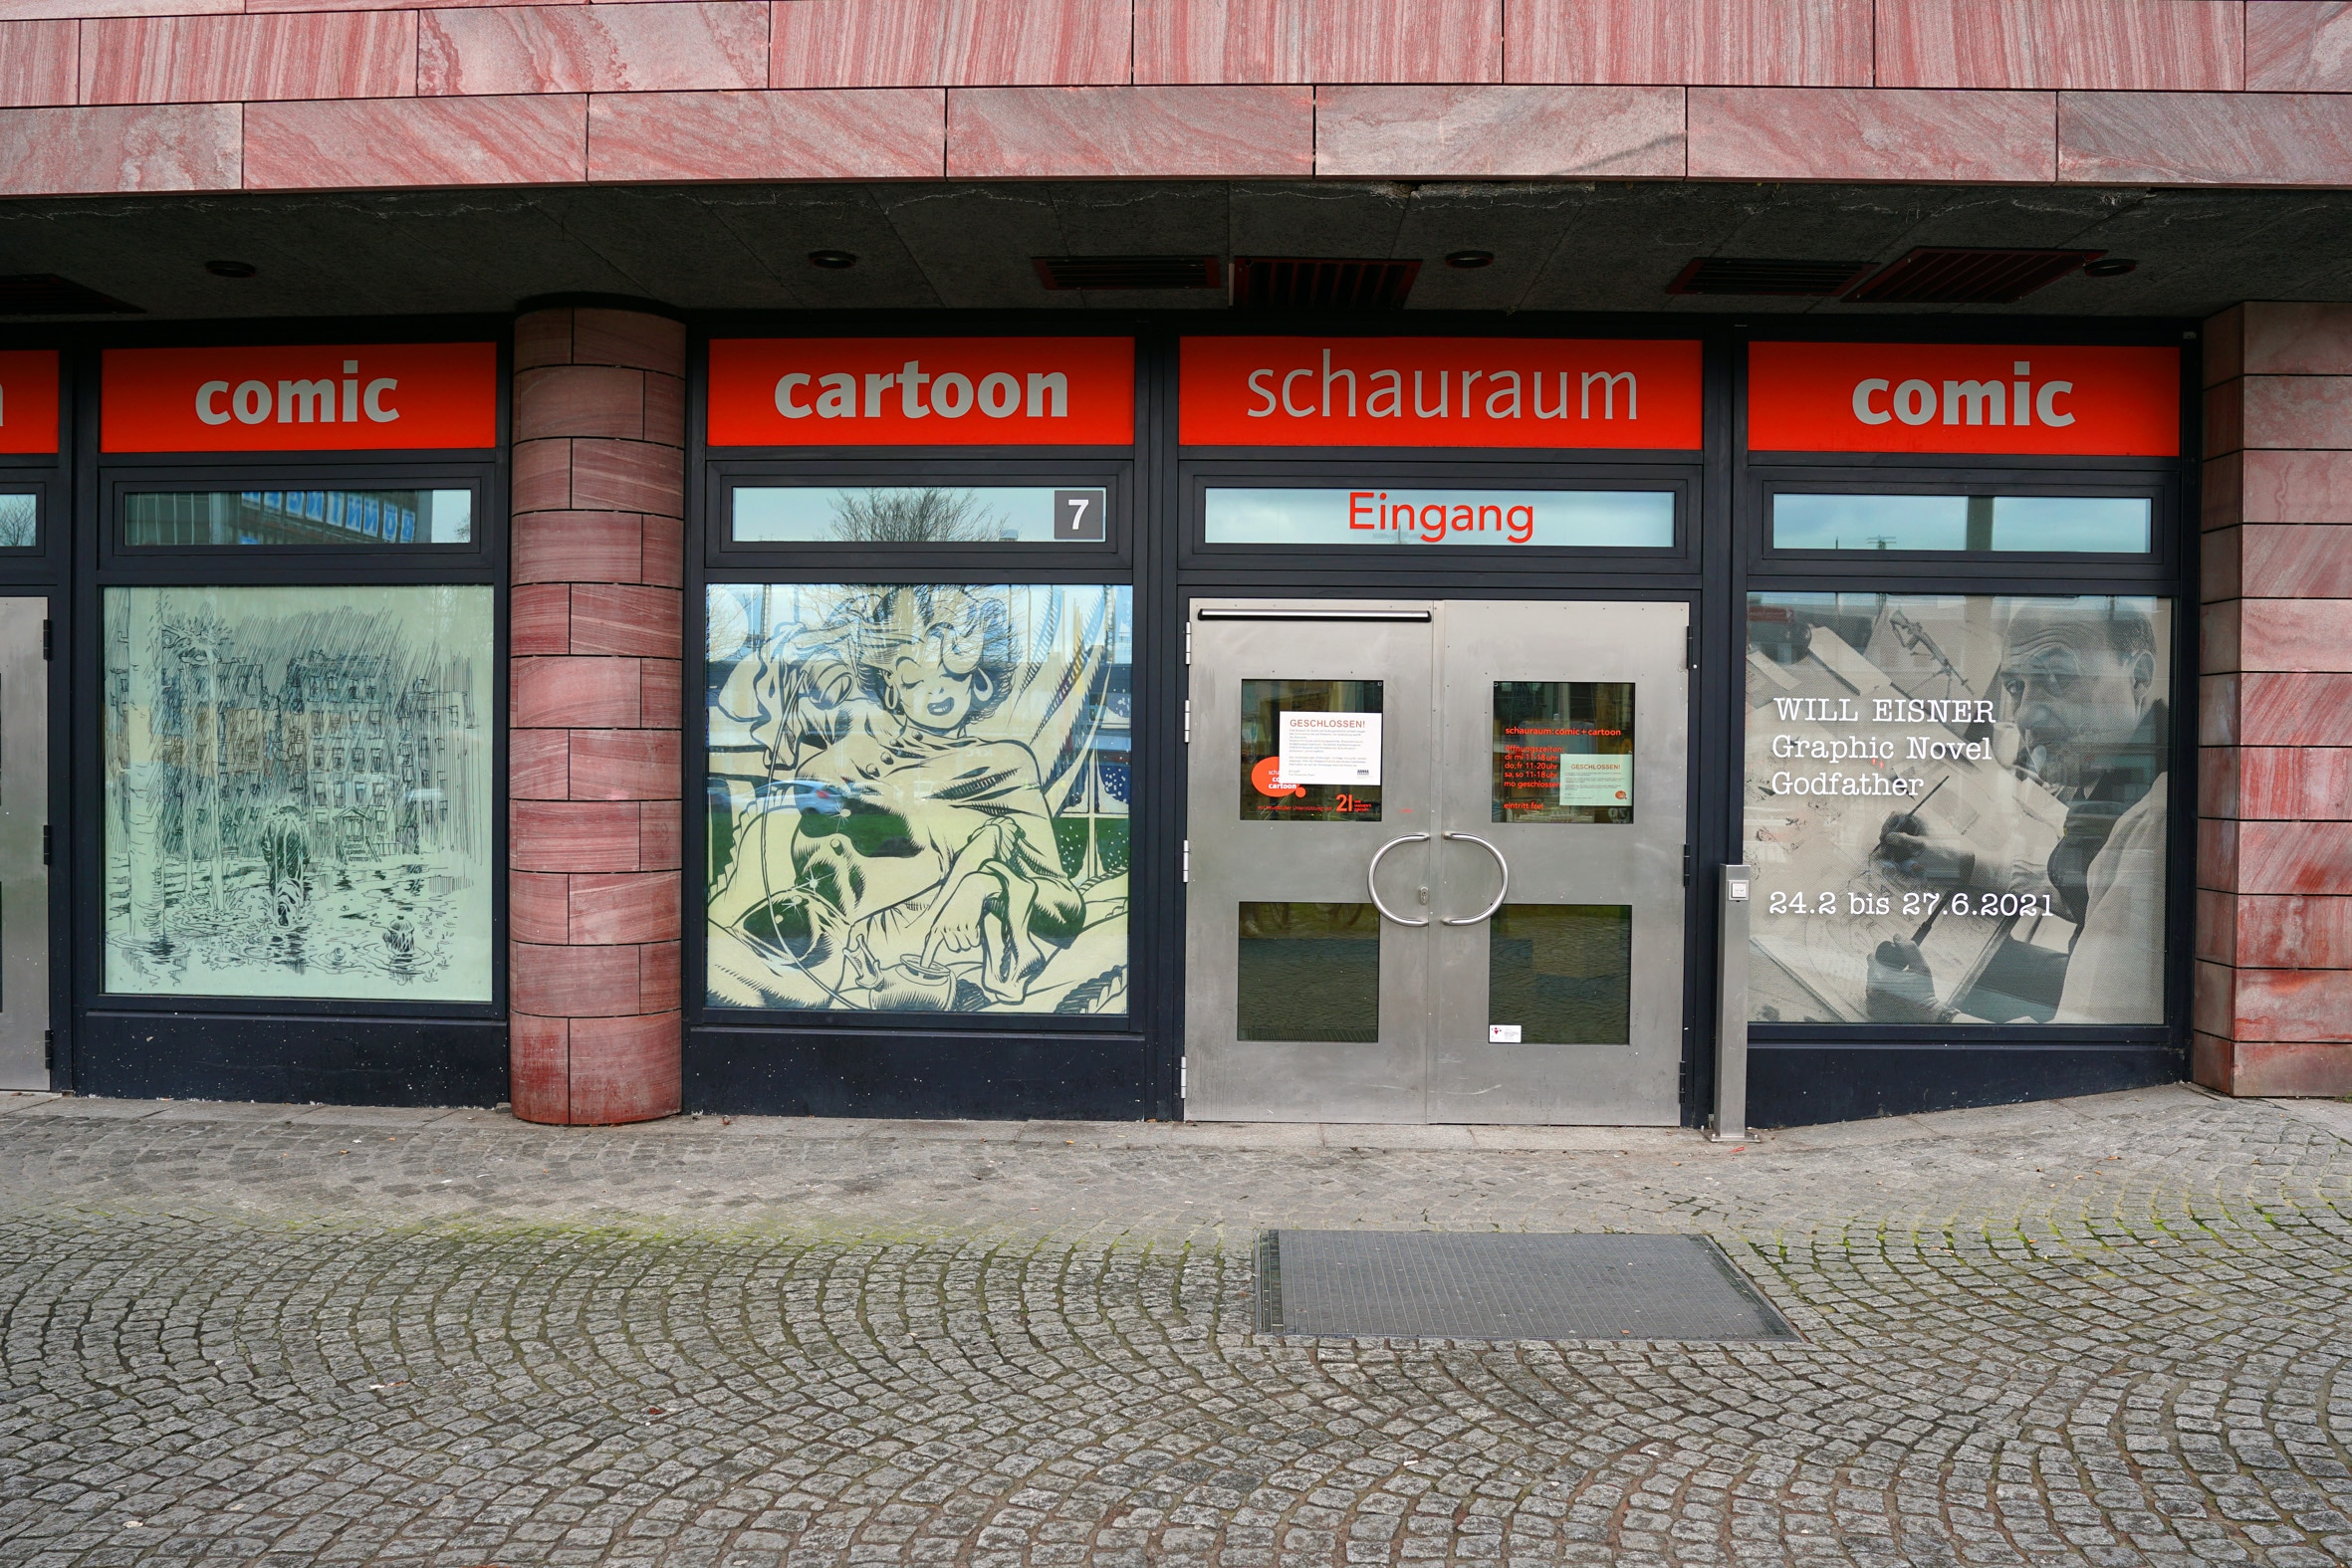 Corona-bedingt muss auch der Schauraum weiter geschlossen bleiben. Ein virtueller 3D-Rundgang bietet dennoch Einblicke. (Fotos: Arnd Lülfing, Stadt Dortmund)